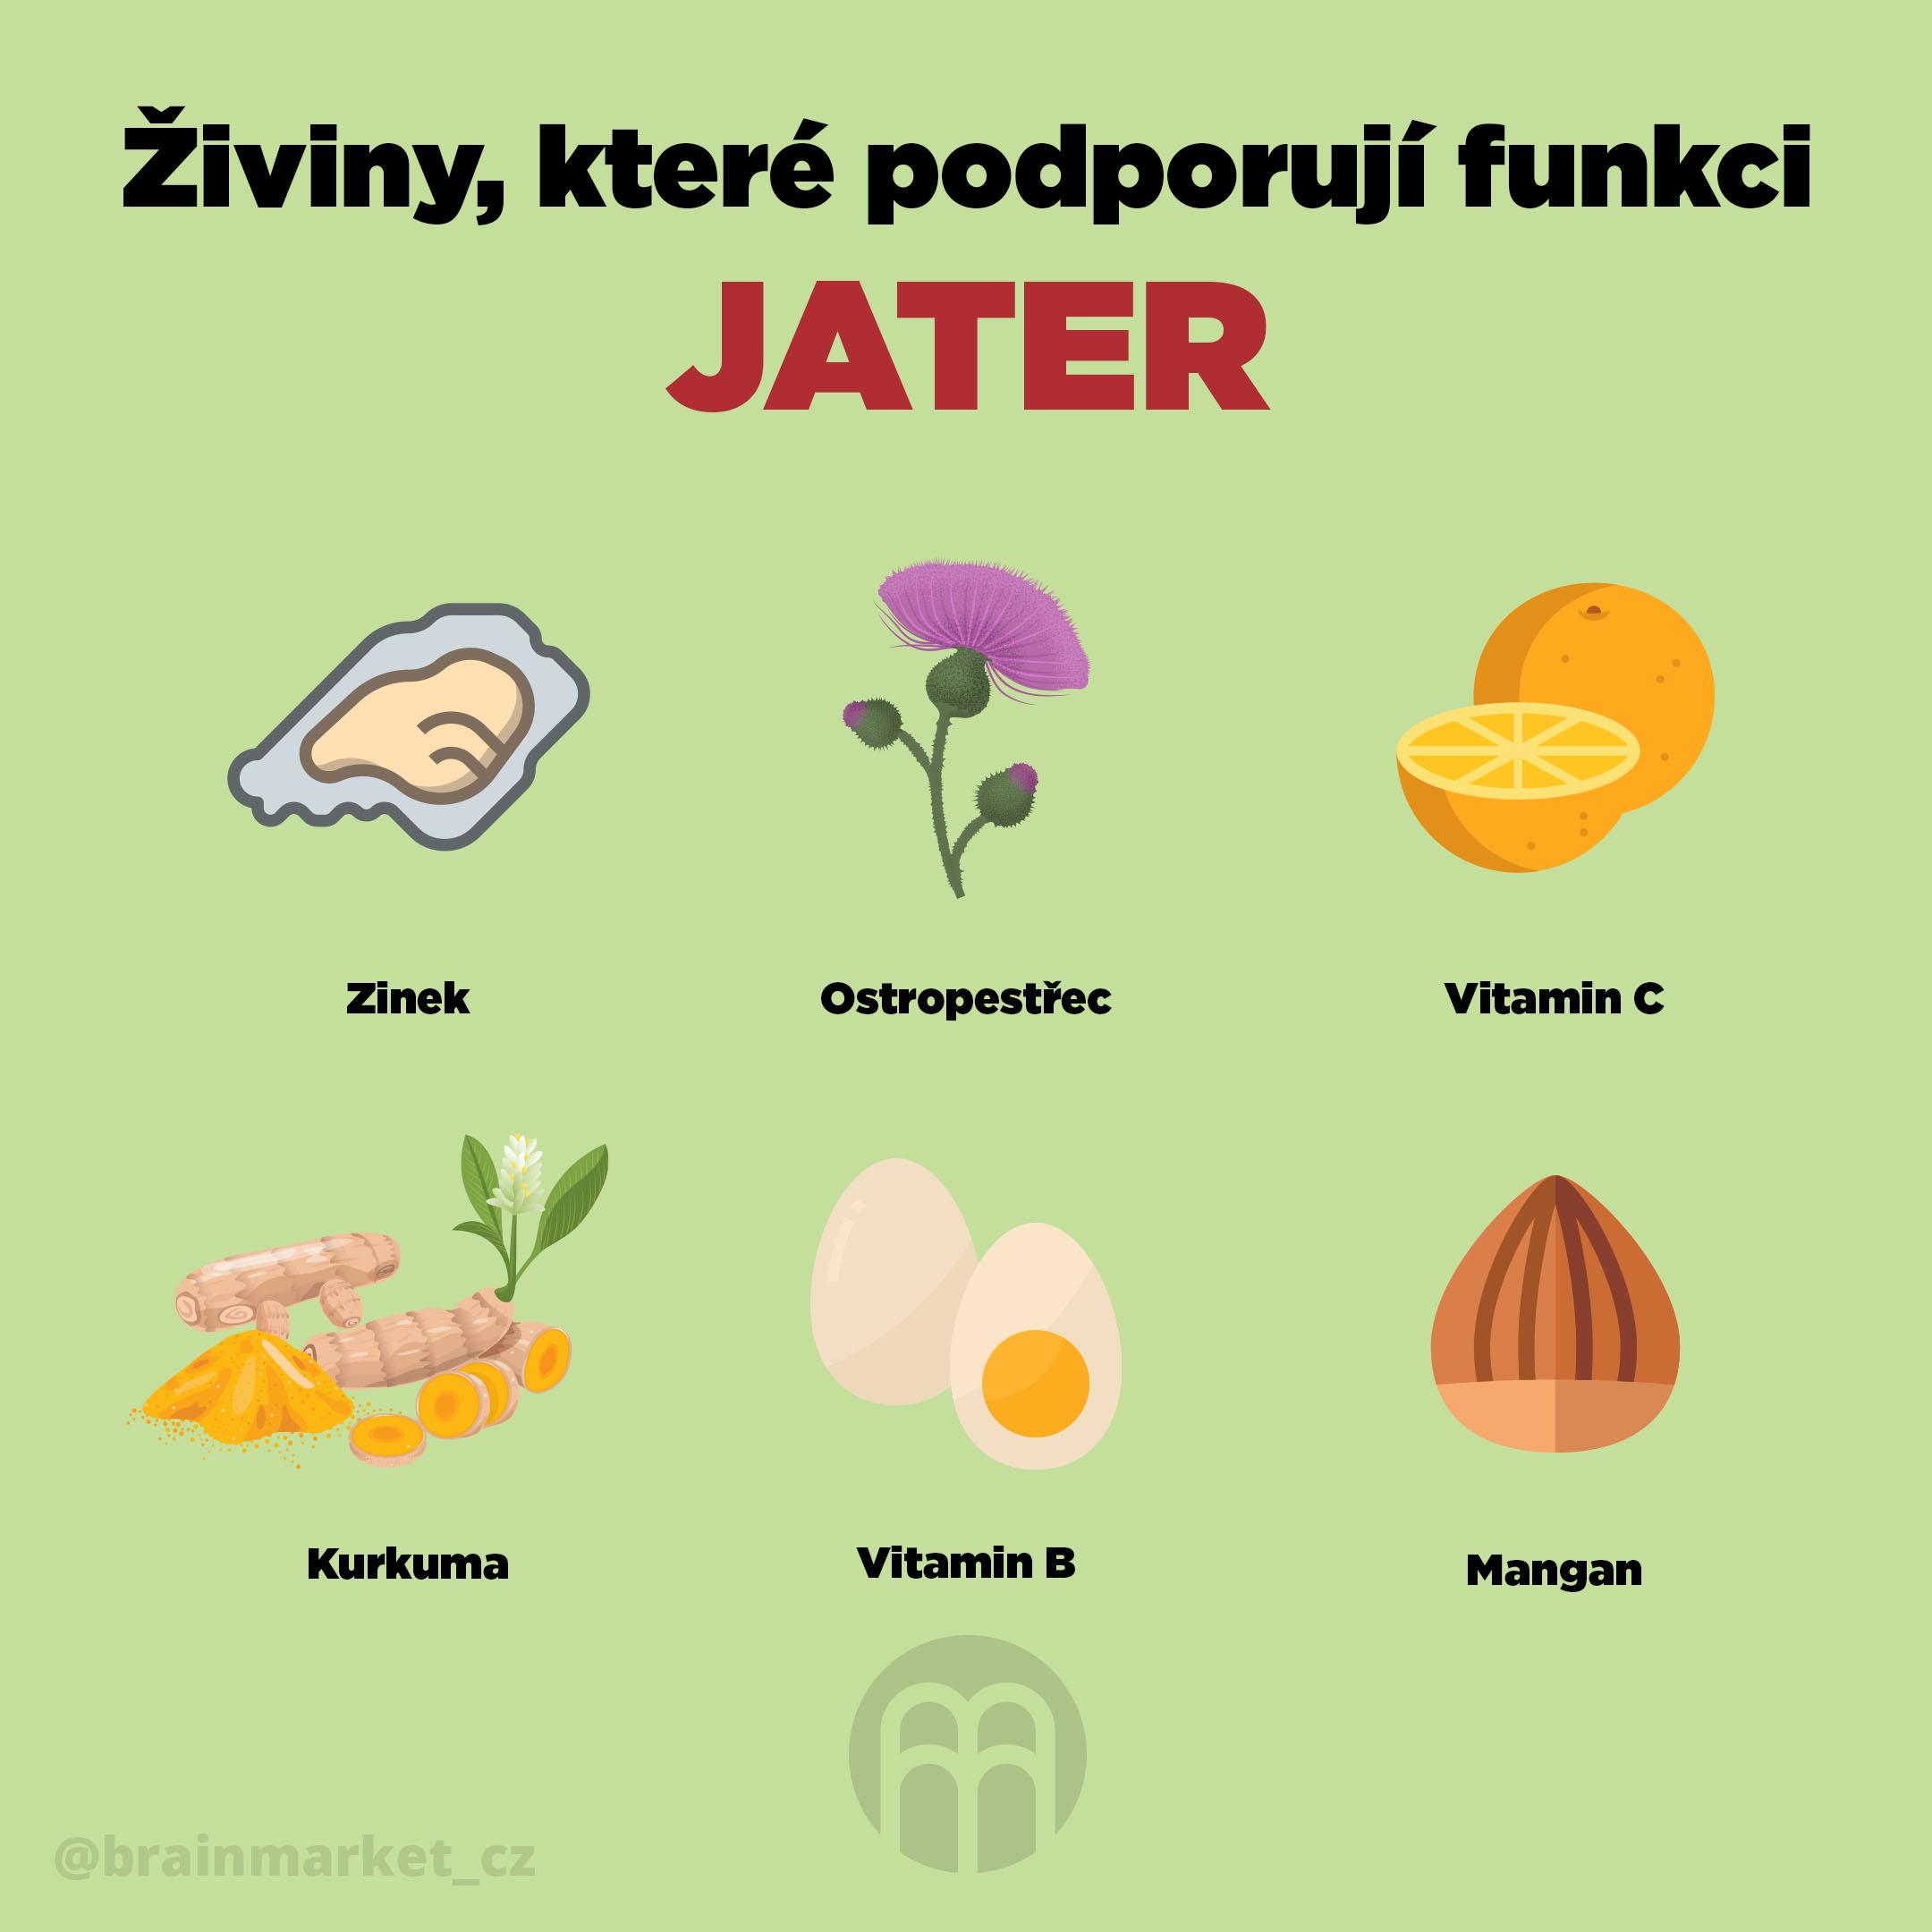 ziviny-ktere-podporuji-funkci-jater-cz